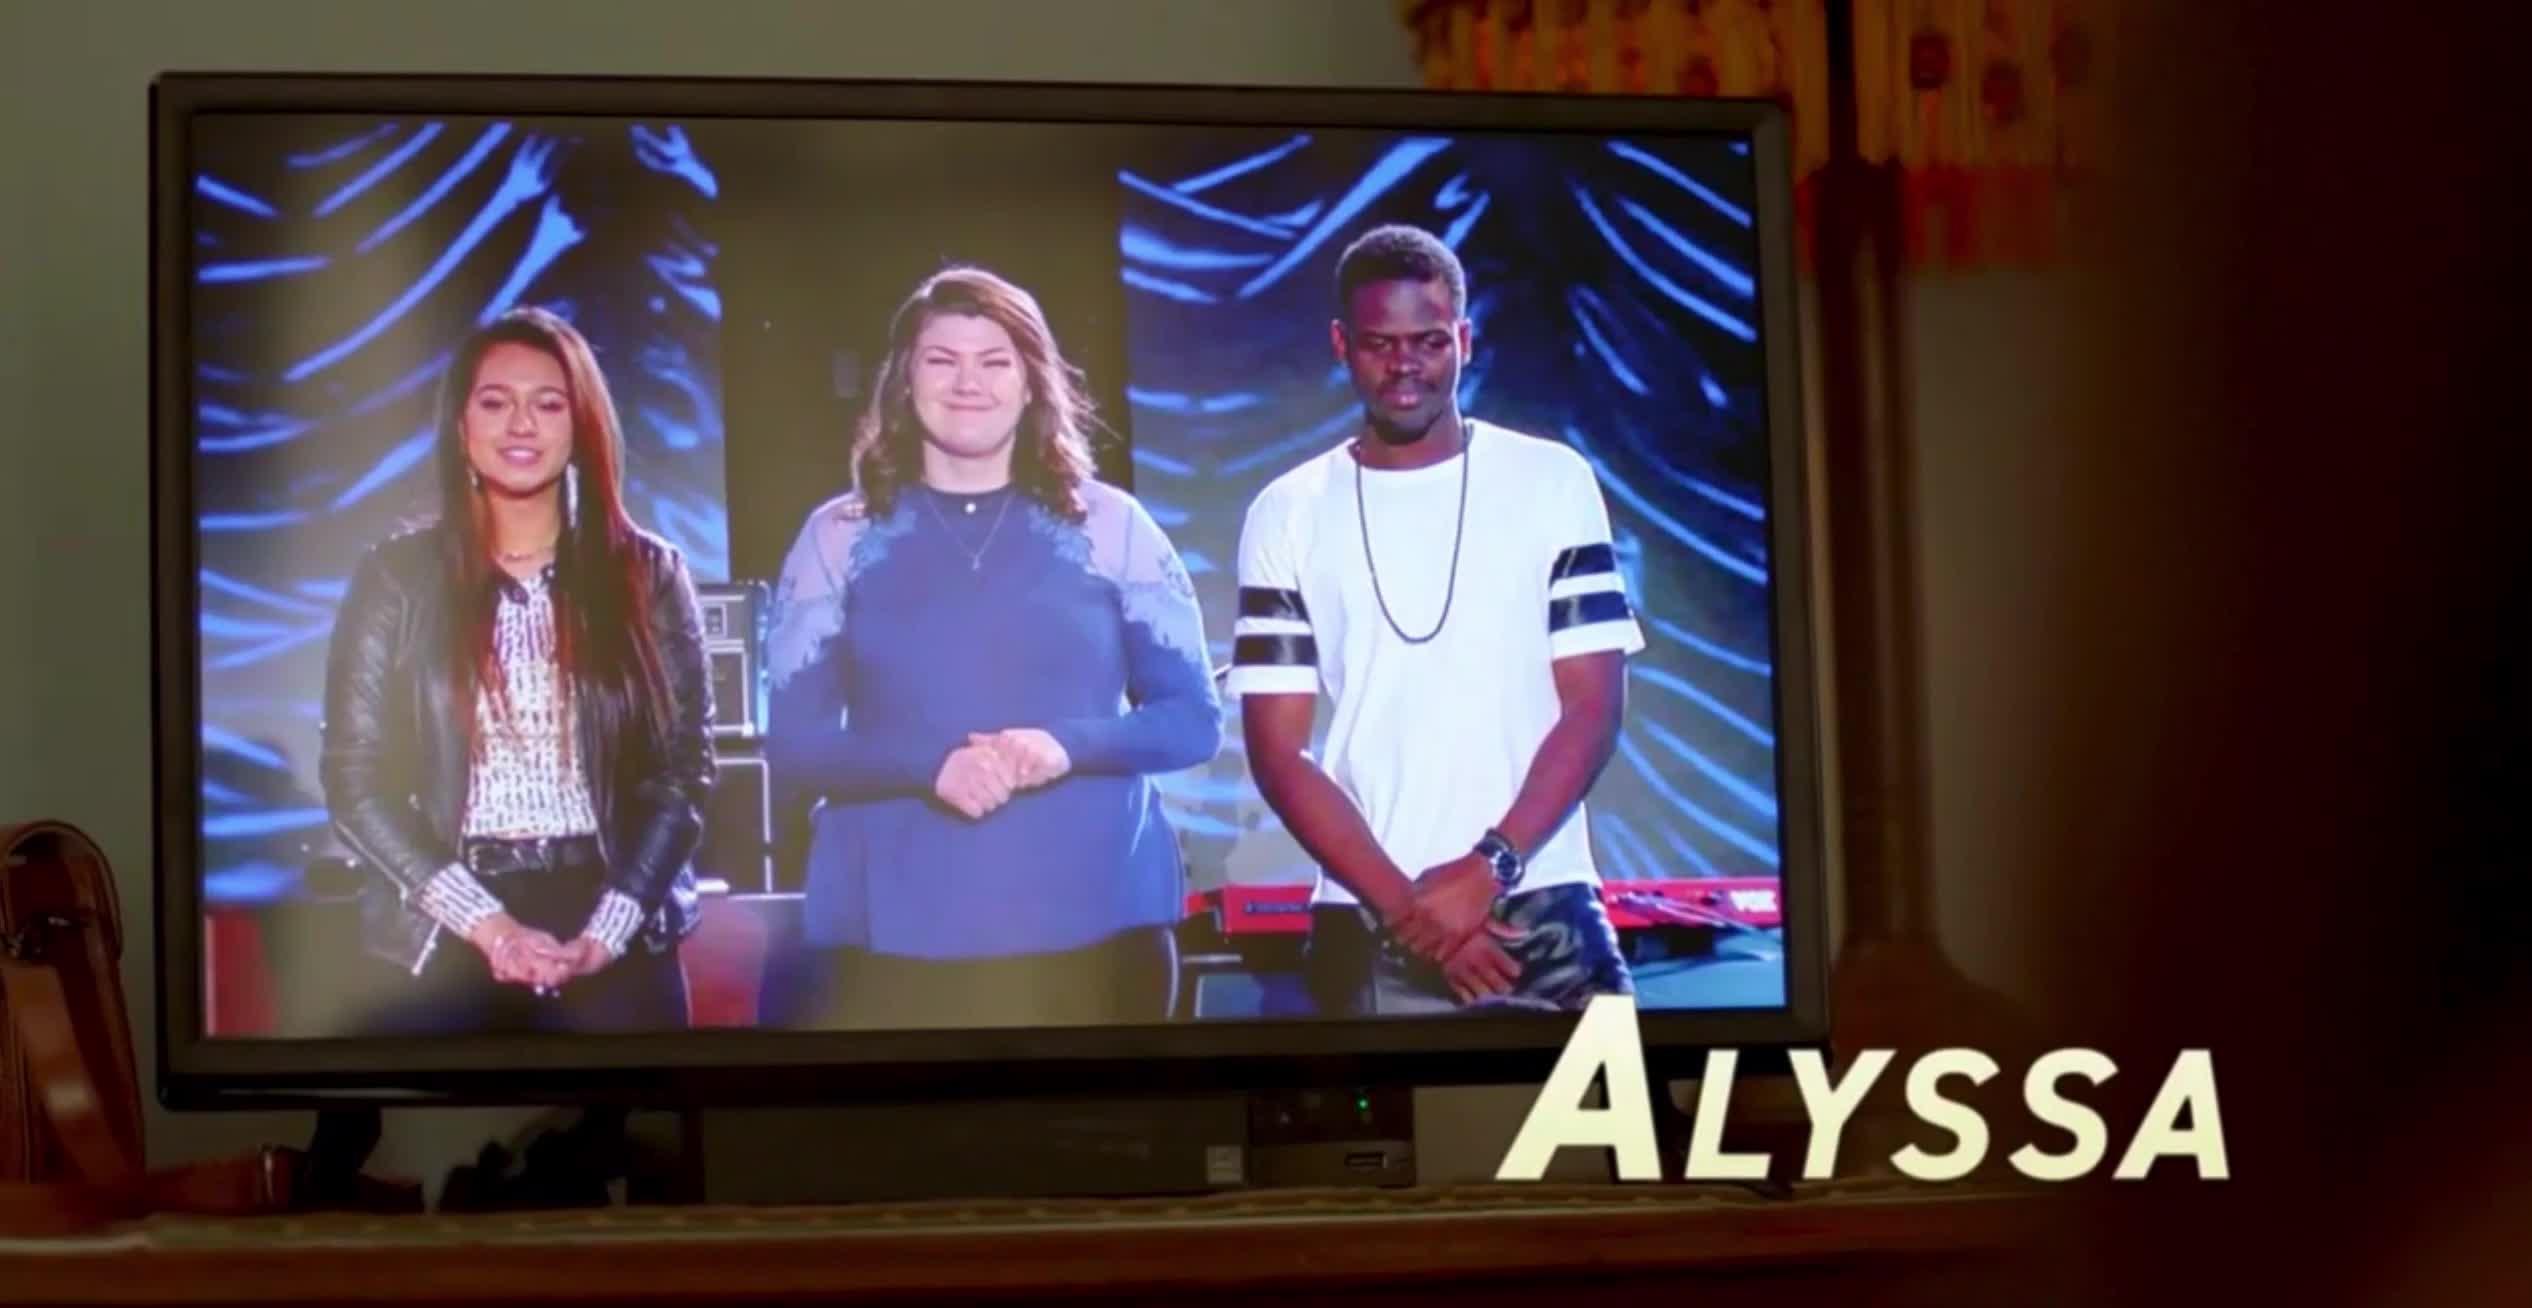 alyssa, alyssa raghu, american idol, american idol season 17, americanidol, katy perry, lionel richie, luke bryan, ryan seacrest, season 17, American Idol Alyssa Raghu GIFs